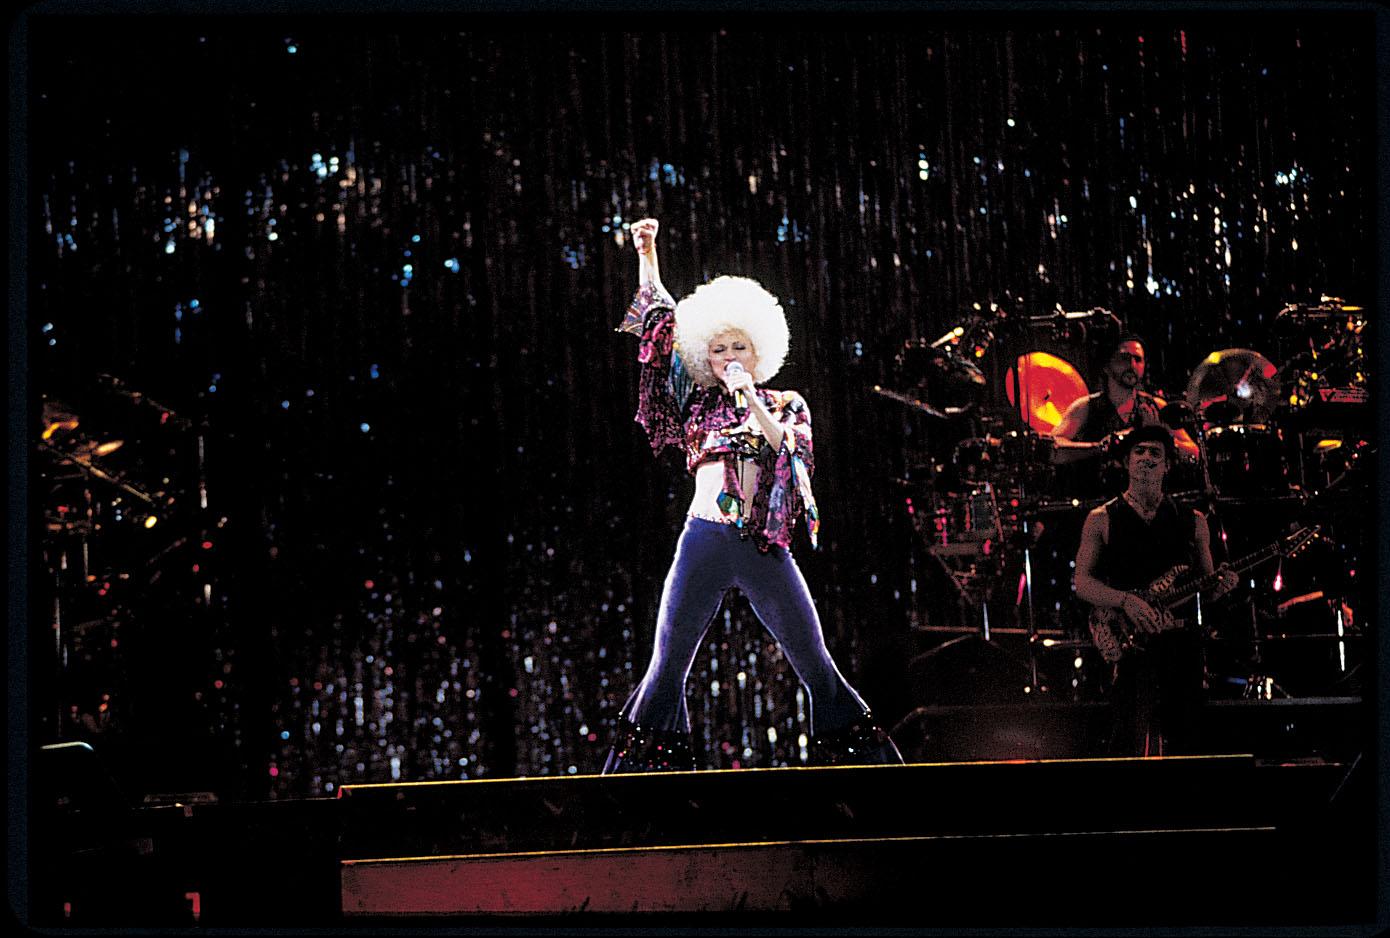 """Madonna pendant le spectacle """"Girlie Show"""" au Stade Olympique de Montréal le 23 octobre 1993"""